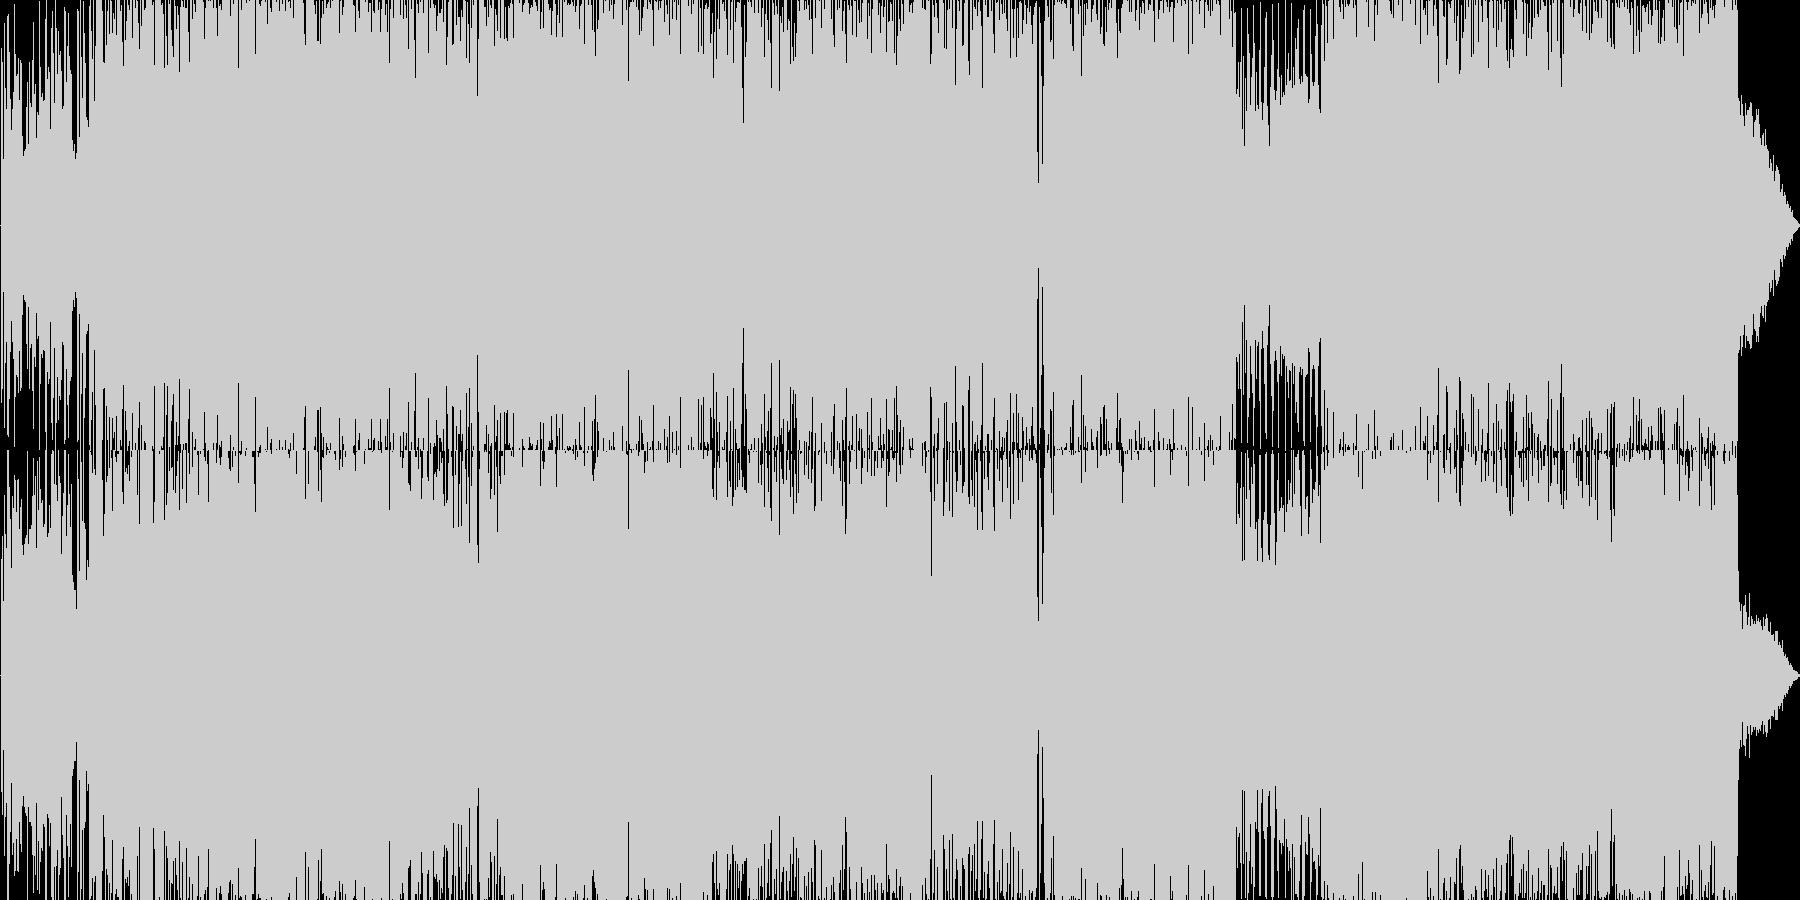 スーパーロボットのテーマ曲風の未再生の波形